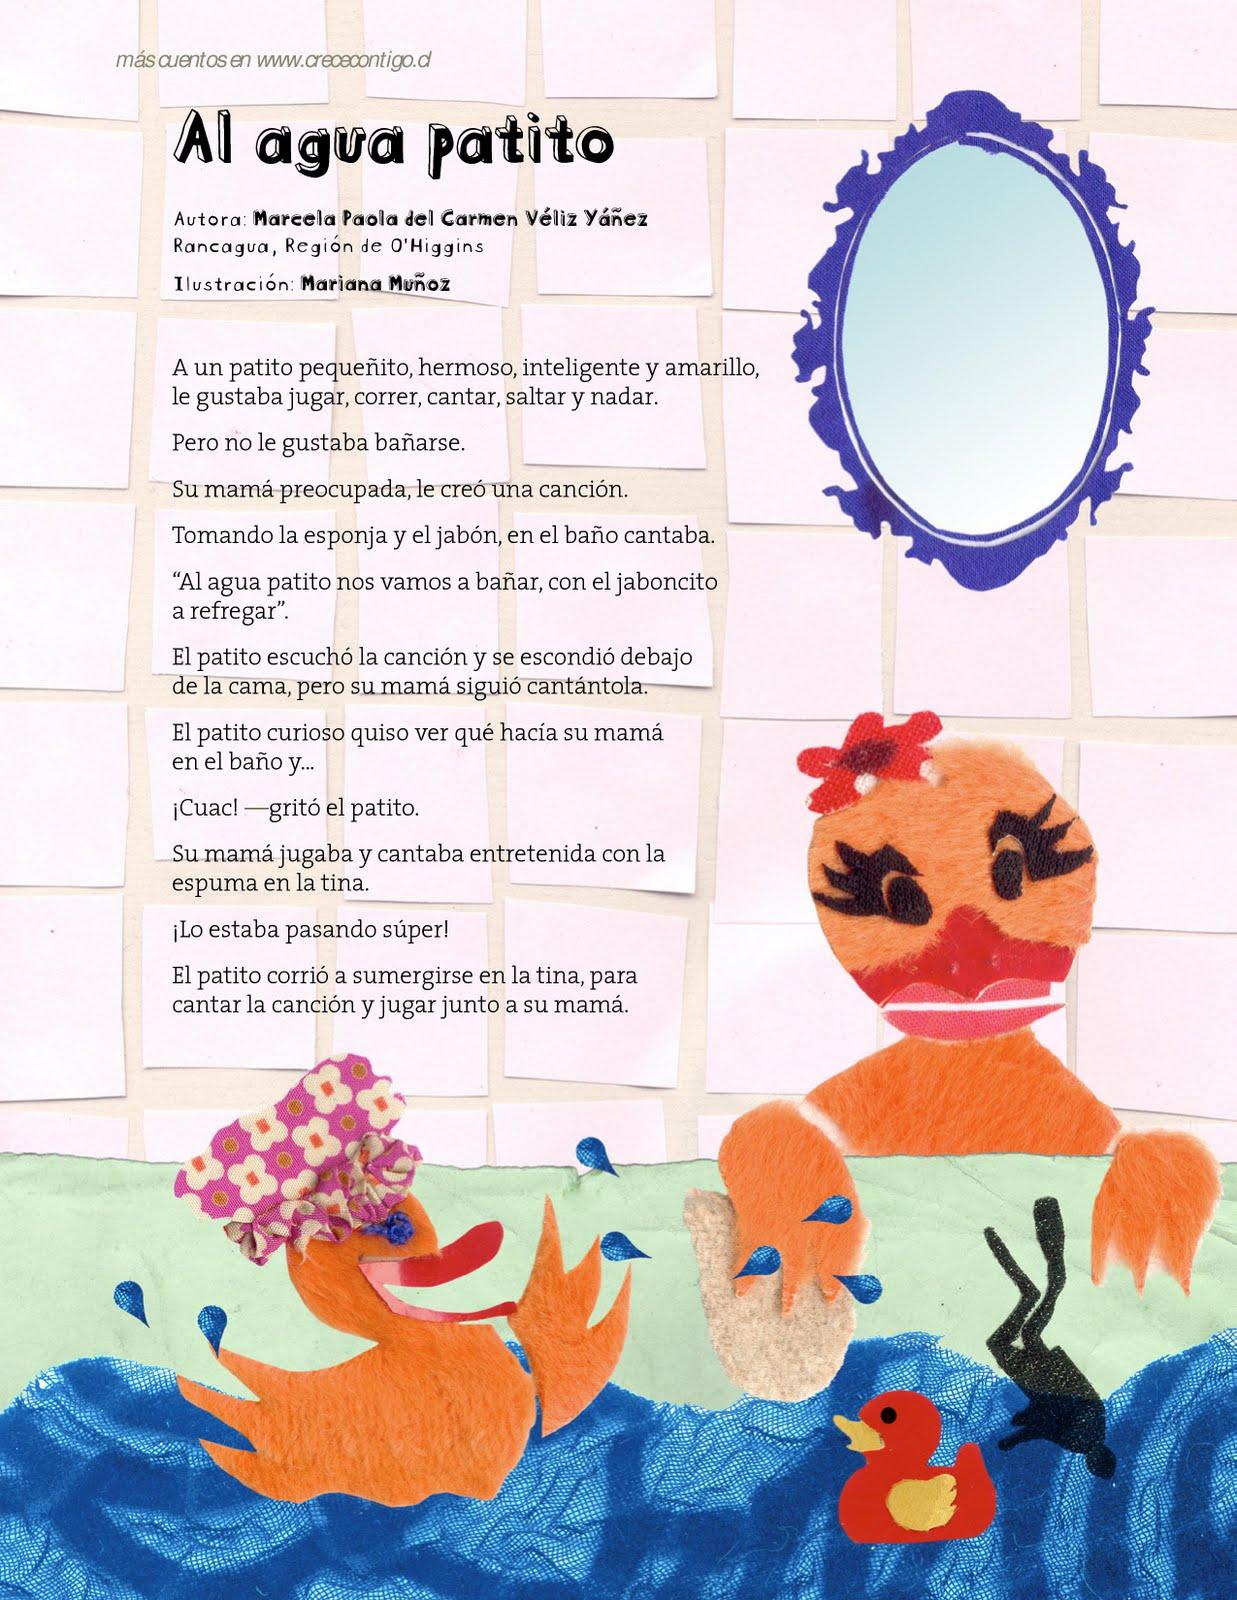 cuentos Hansel y gretel en español - dibujos animados - mejores cuentos infantiles suscríbete aquí:   si te sientes muy feliz aplaude asi cancion con rapunzel al final.